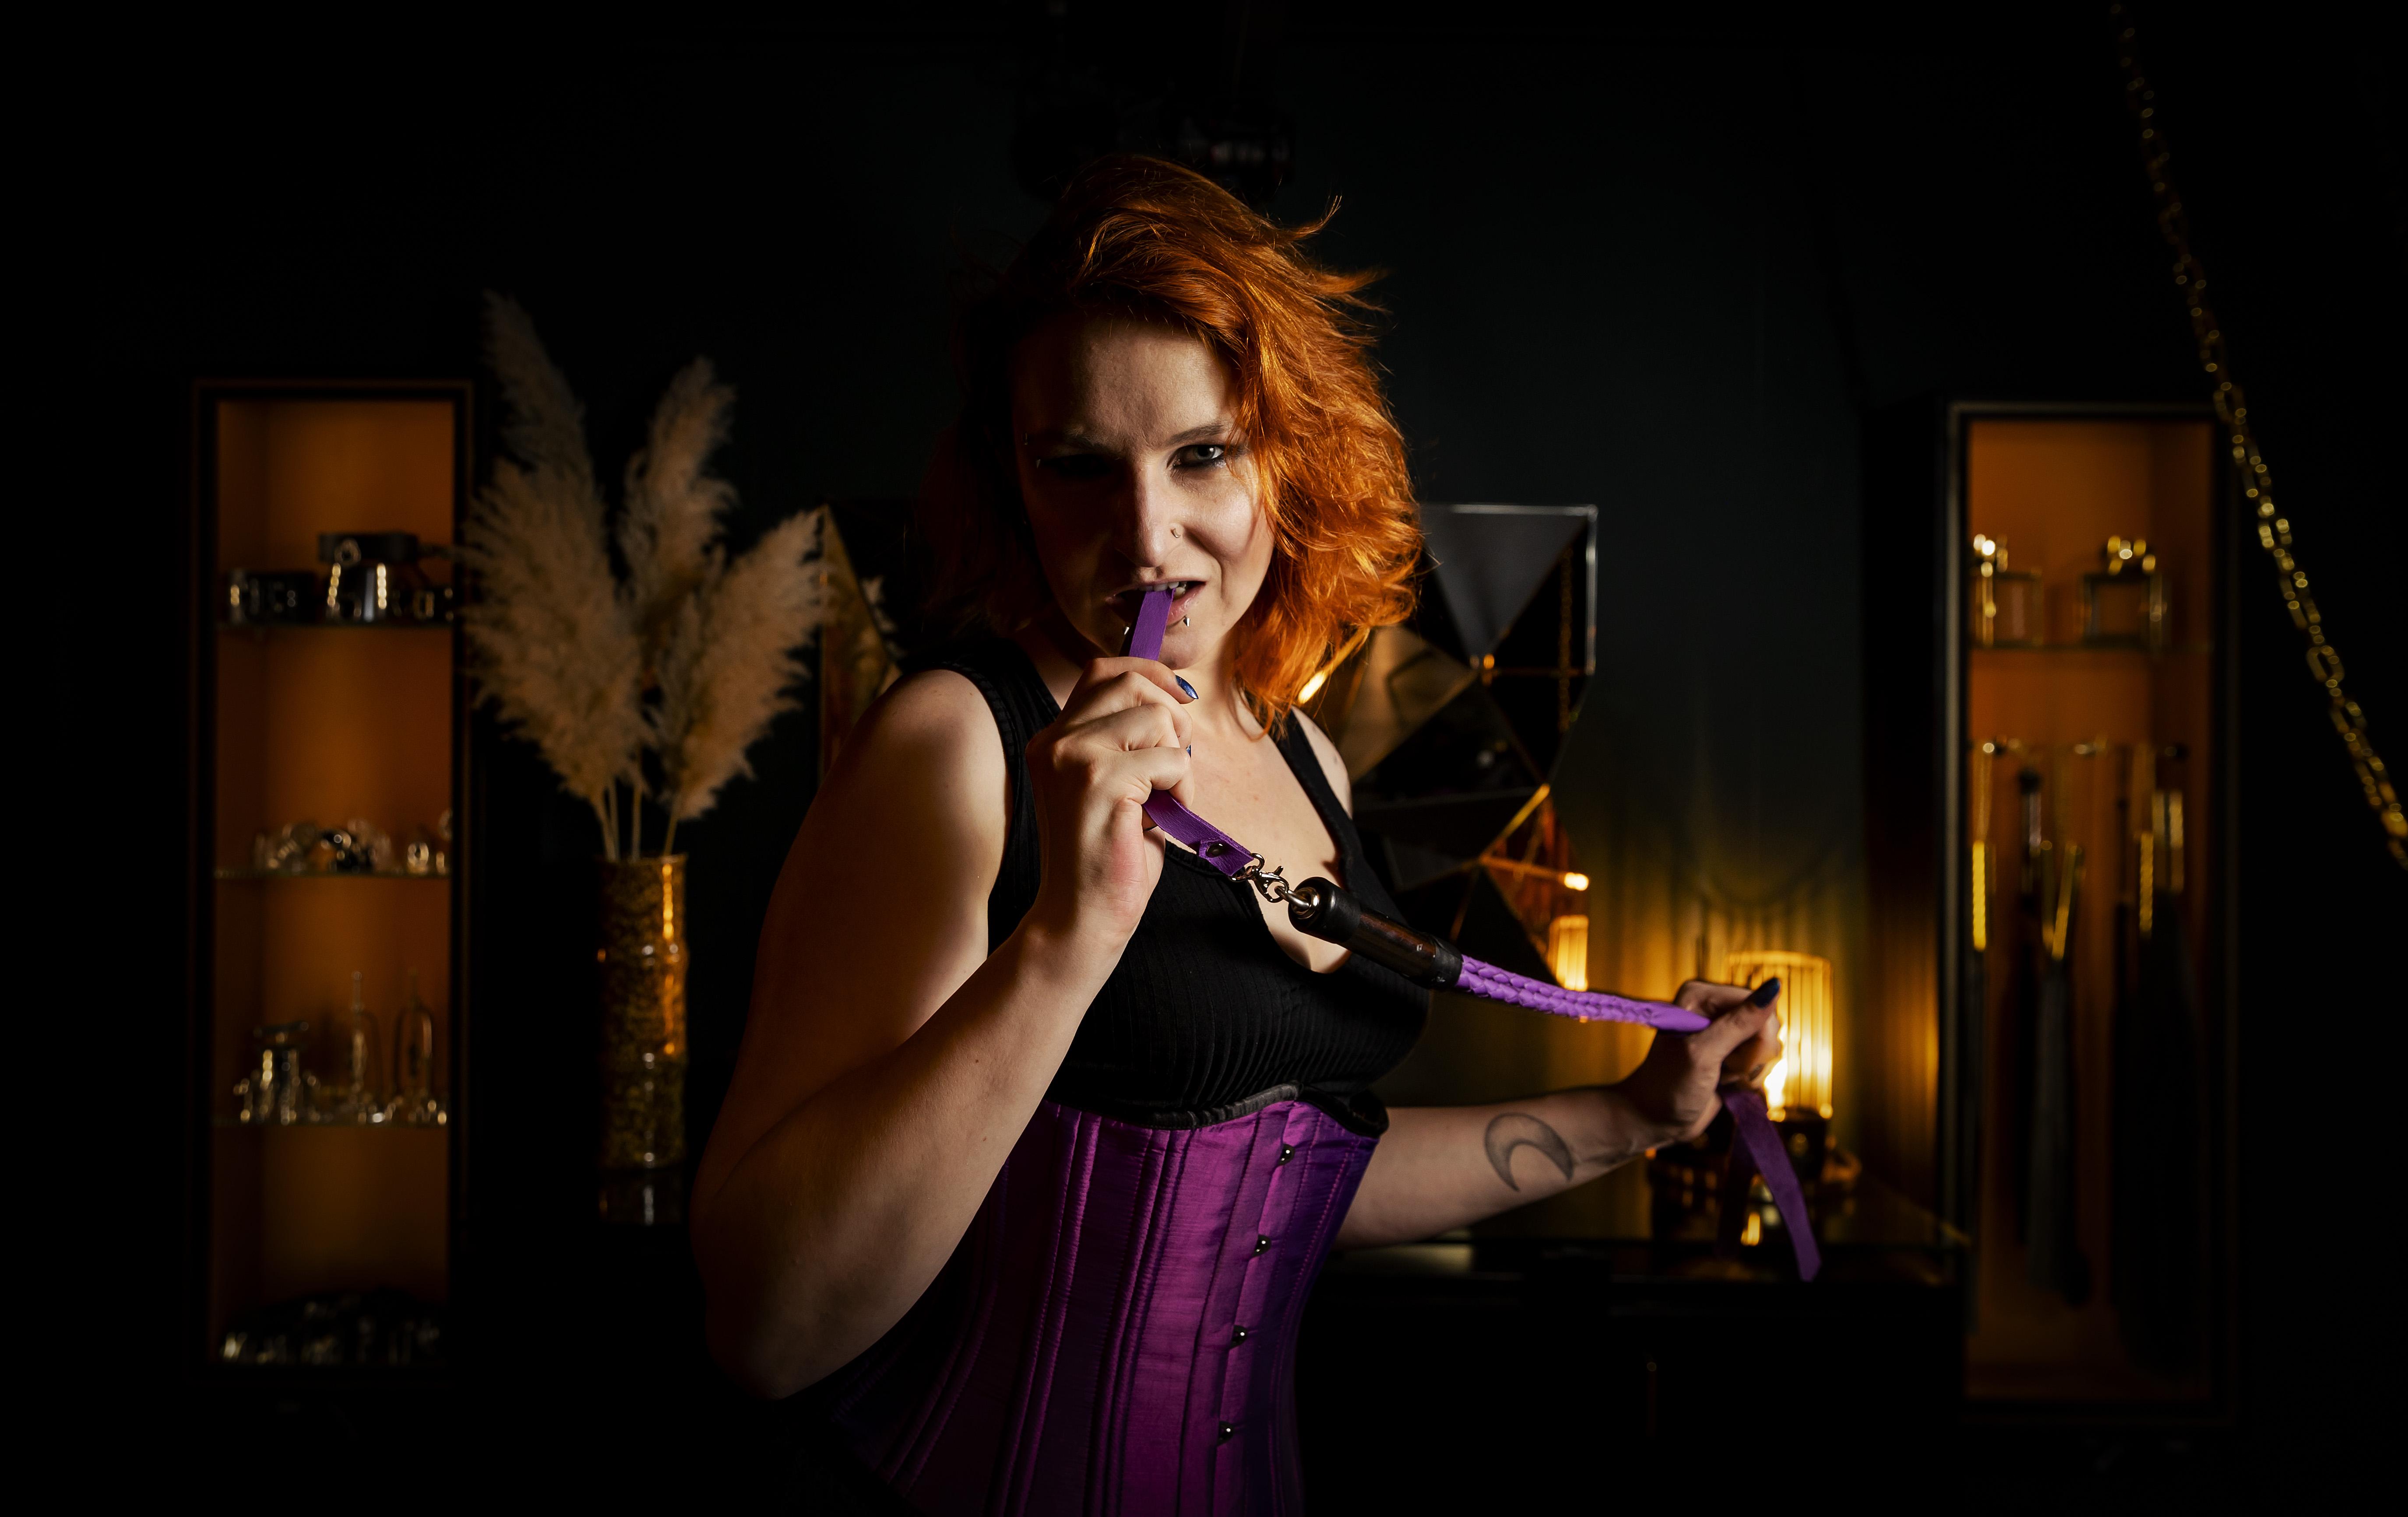 Een foto van sekswerker Moira Mona